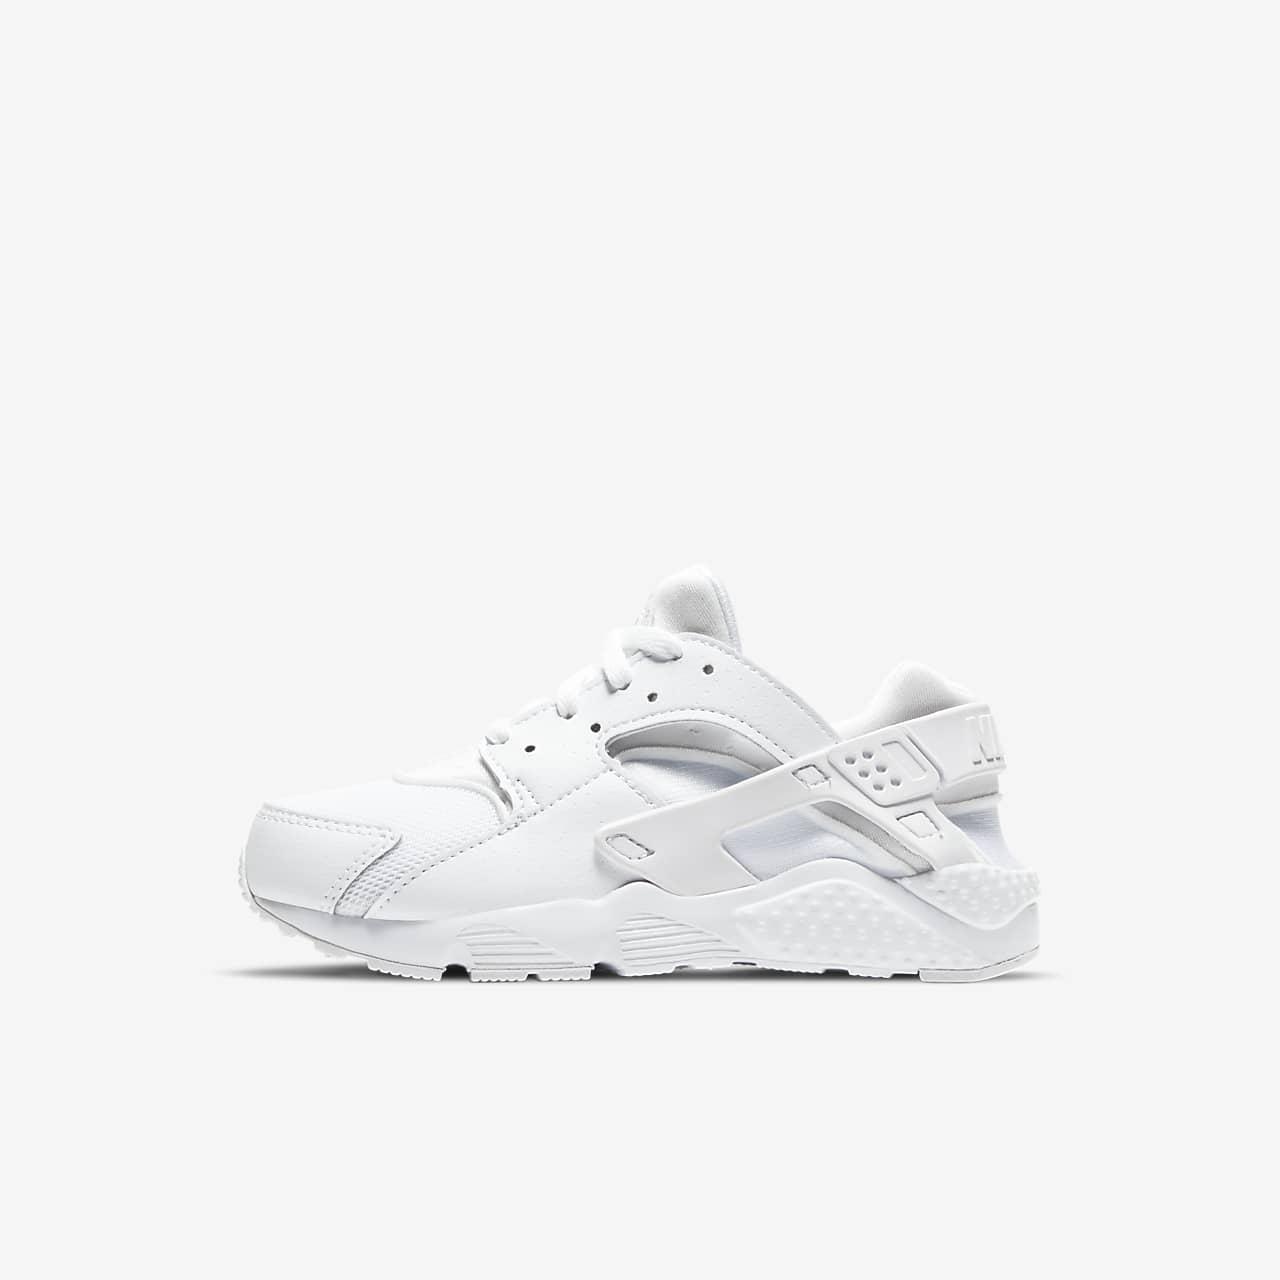 d1a8fdf876177 Chaussure Nike Huarache pour Jeune enfant ...